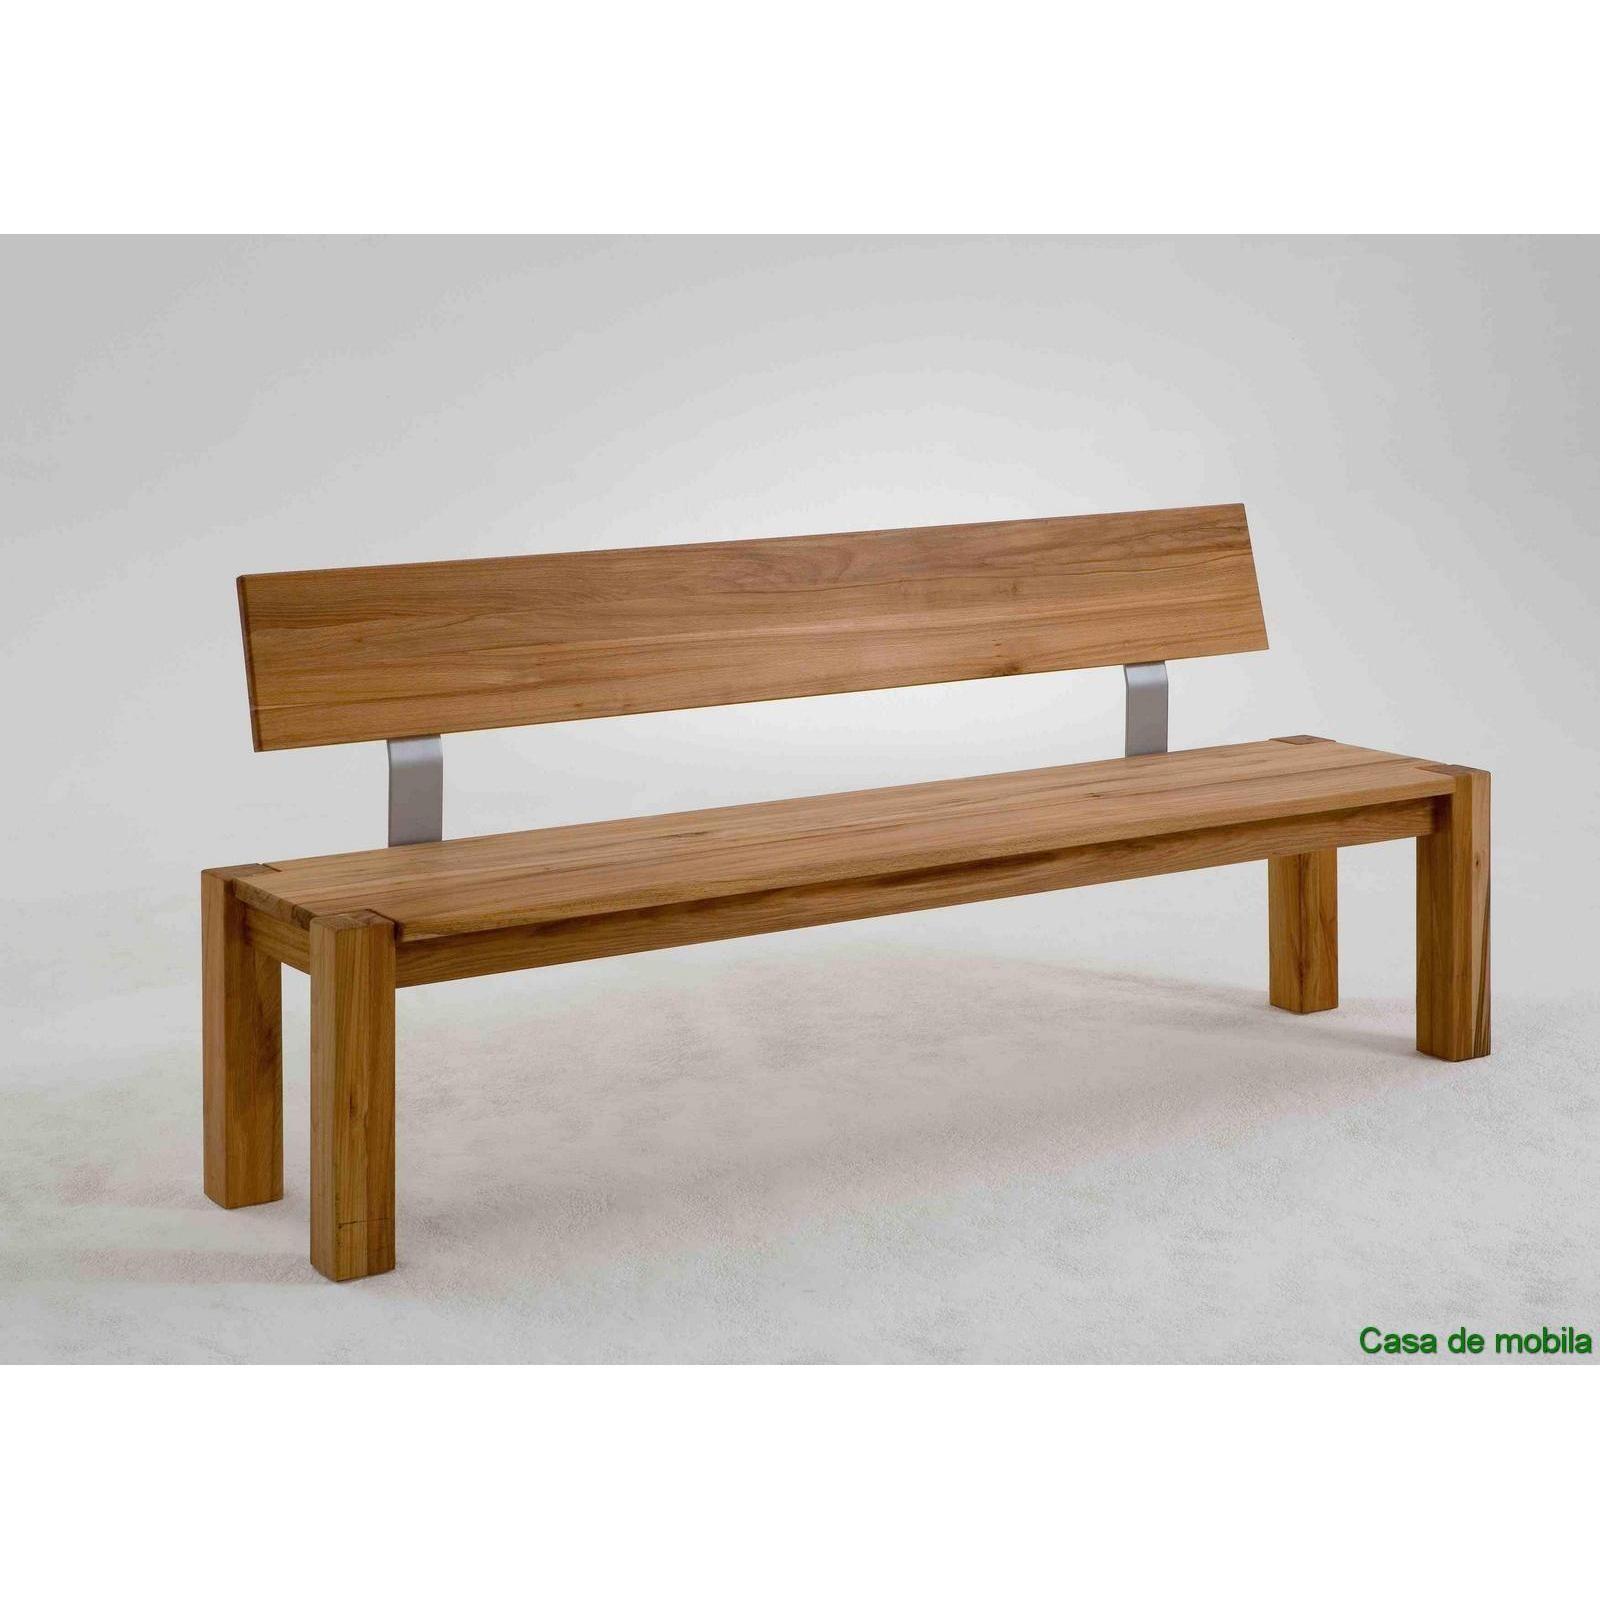 tolle sitzbank massivholz mit lehne sitzbank. Black Bedroom Furniture Sets. Home Design Ideas